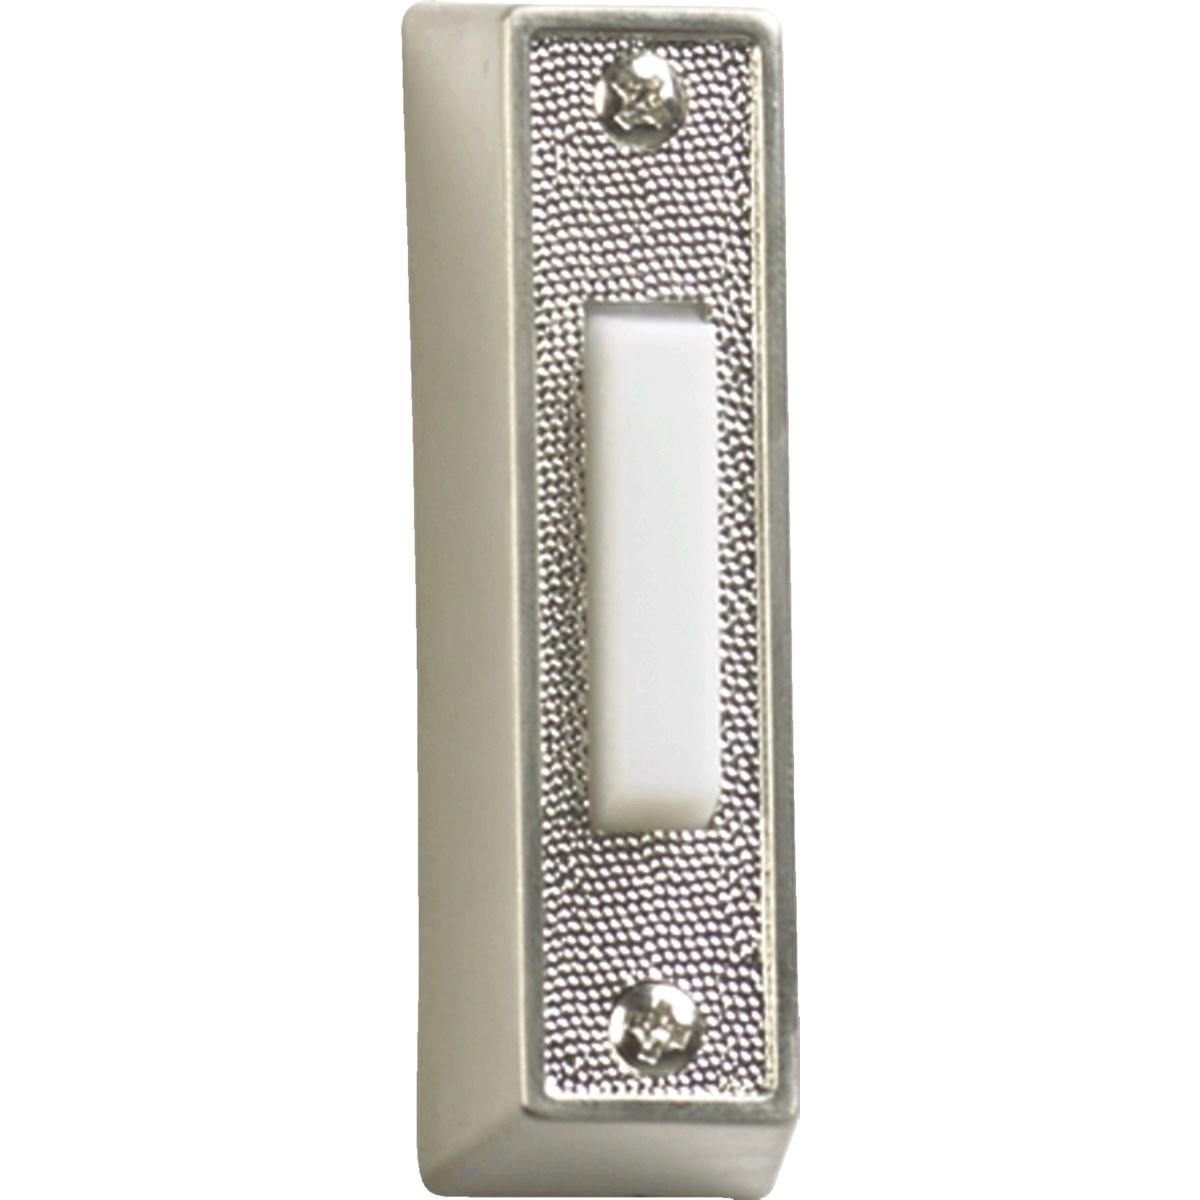 PLASTIC DOOR BUTTON - STN